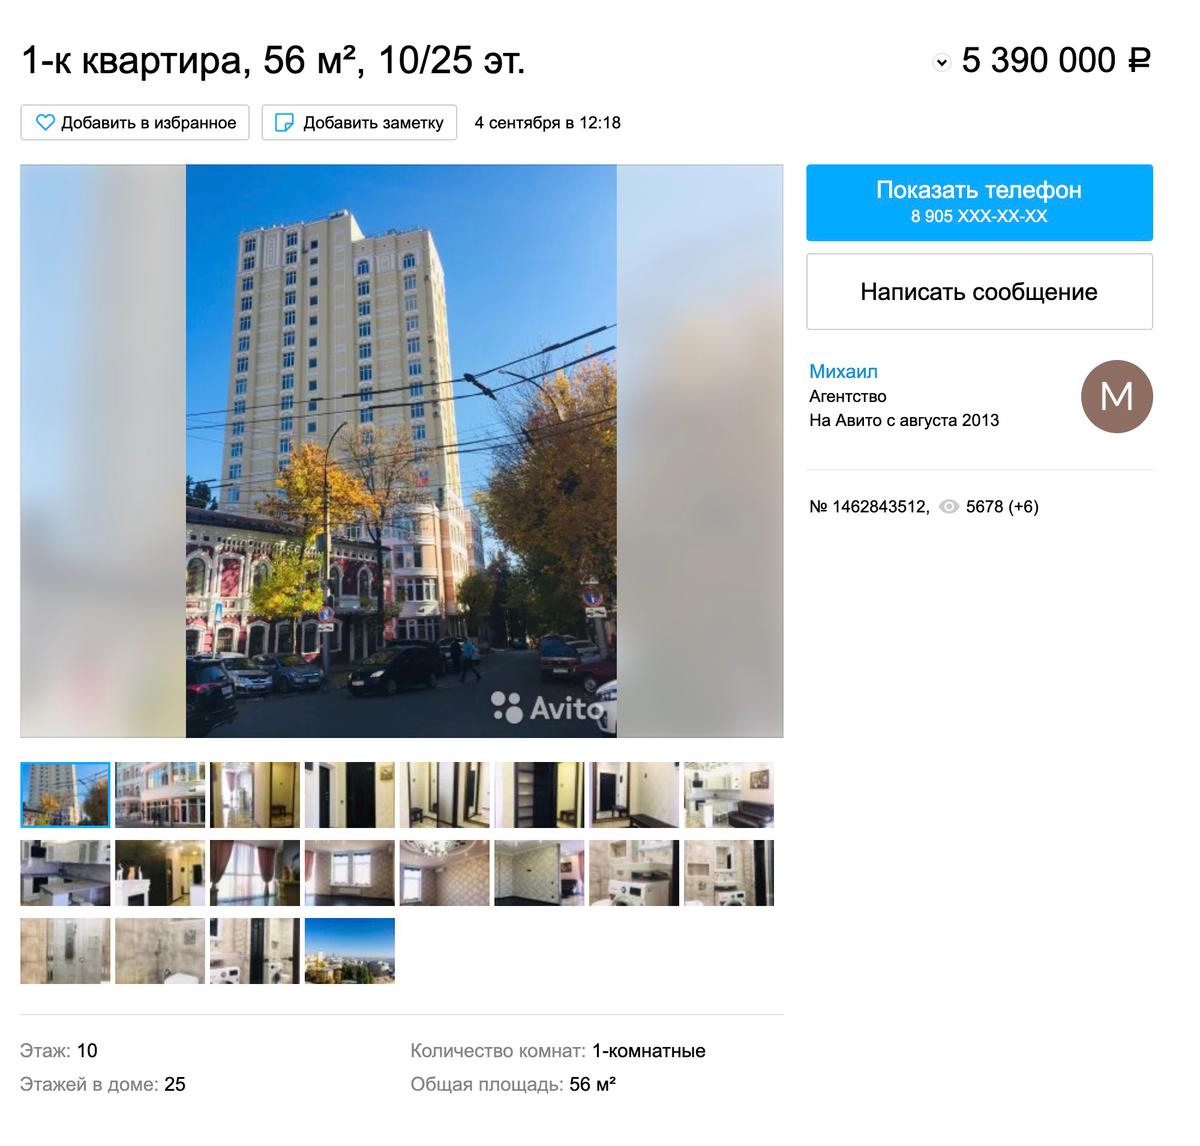 Однушка с ремонтом в соседней новостройке стоит уже 5,39 млн рублей